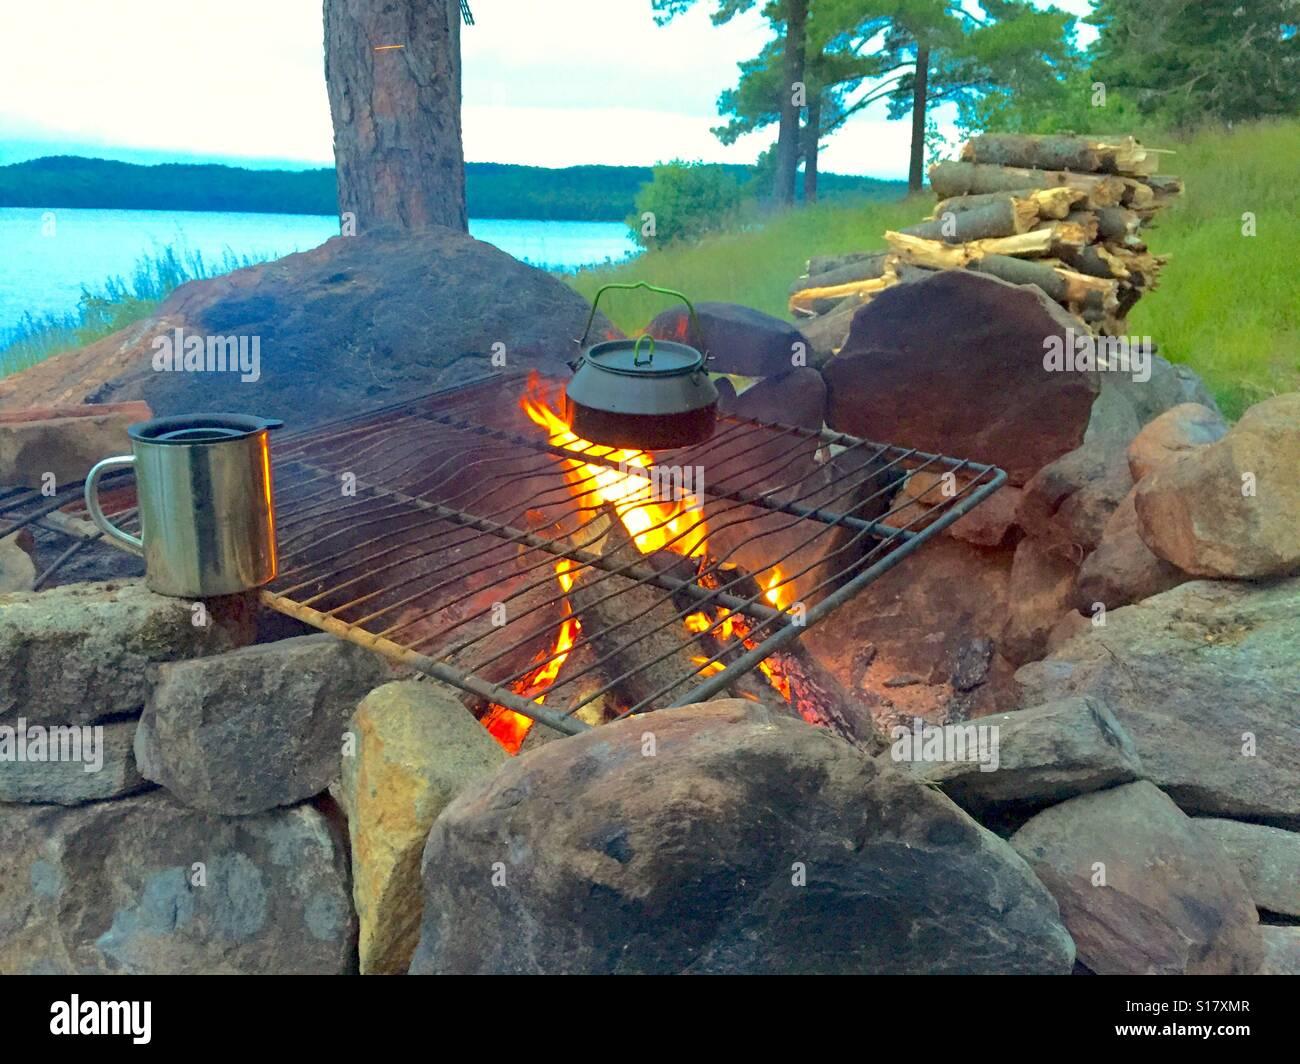 Lagerfeuer Rock Feuerstelle Kochen Von Lakeshore Stockfotografie Alamy